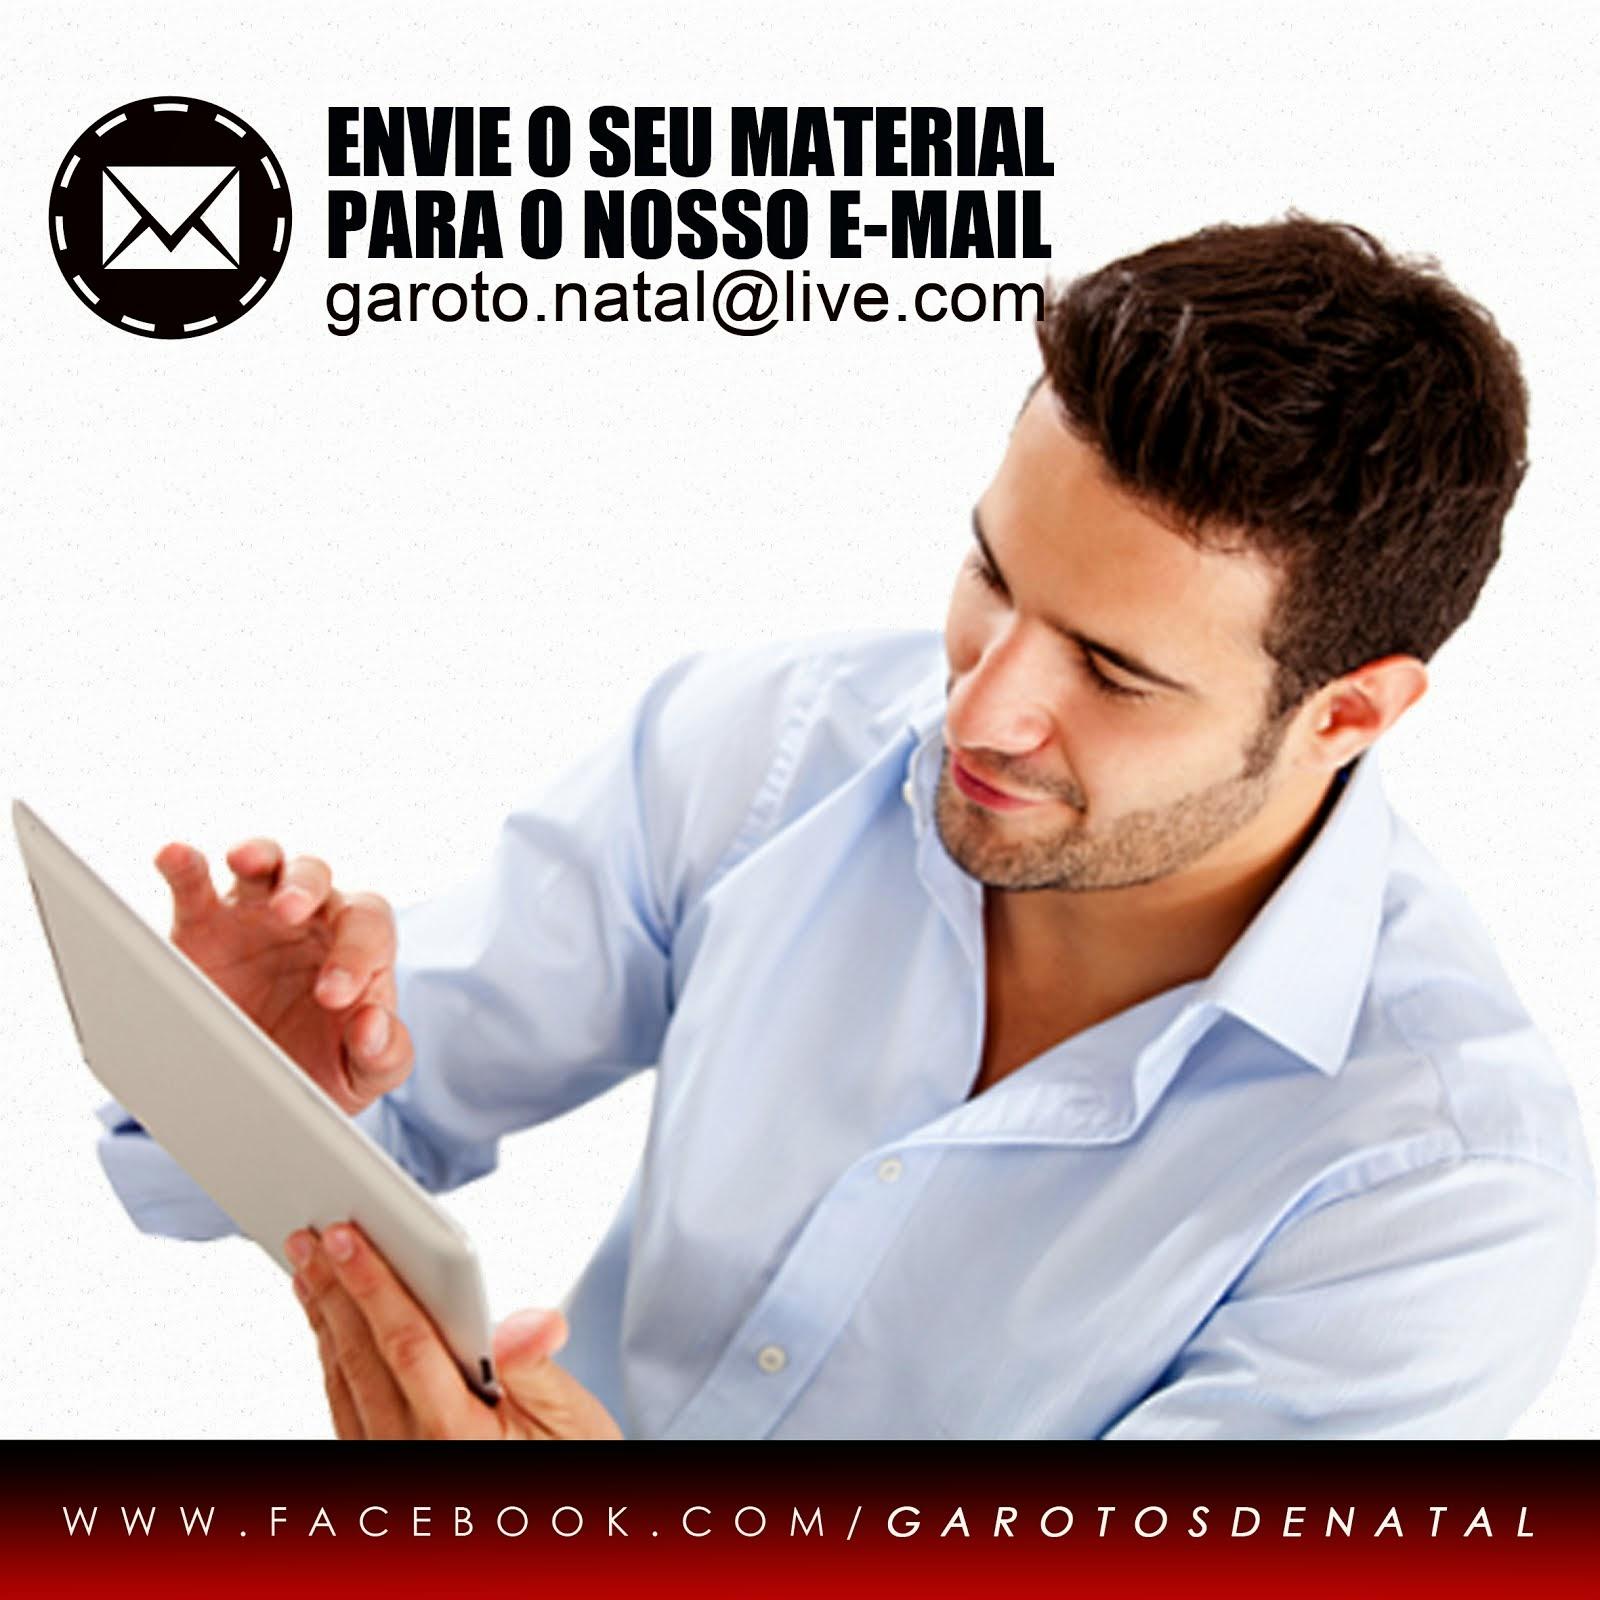 Envie seu Material!